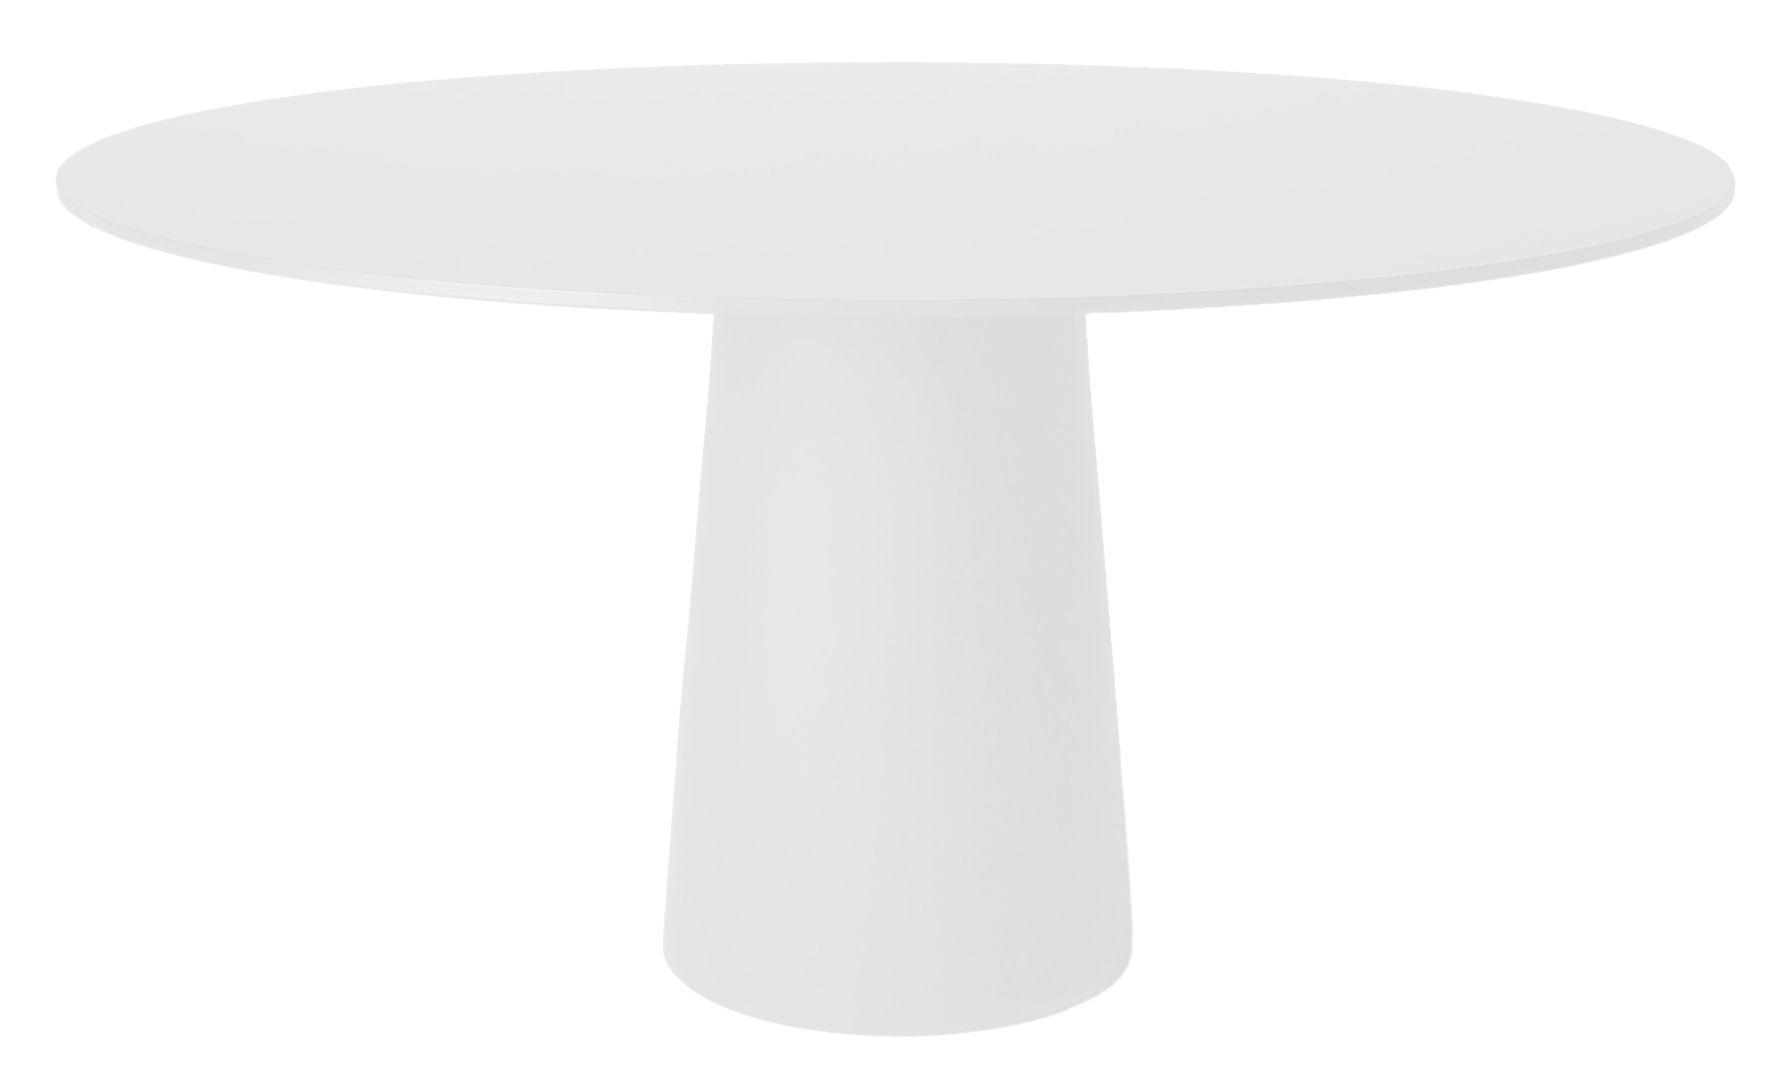 Outdoor - Tavoli  - Gamba da tavolo Container - del tavolo Container - Ø 43 cm di Moooi - Gamba colore bianco Ø 43 cm - Polipropilene